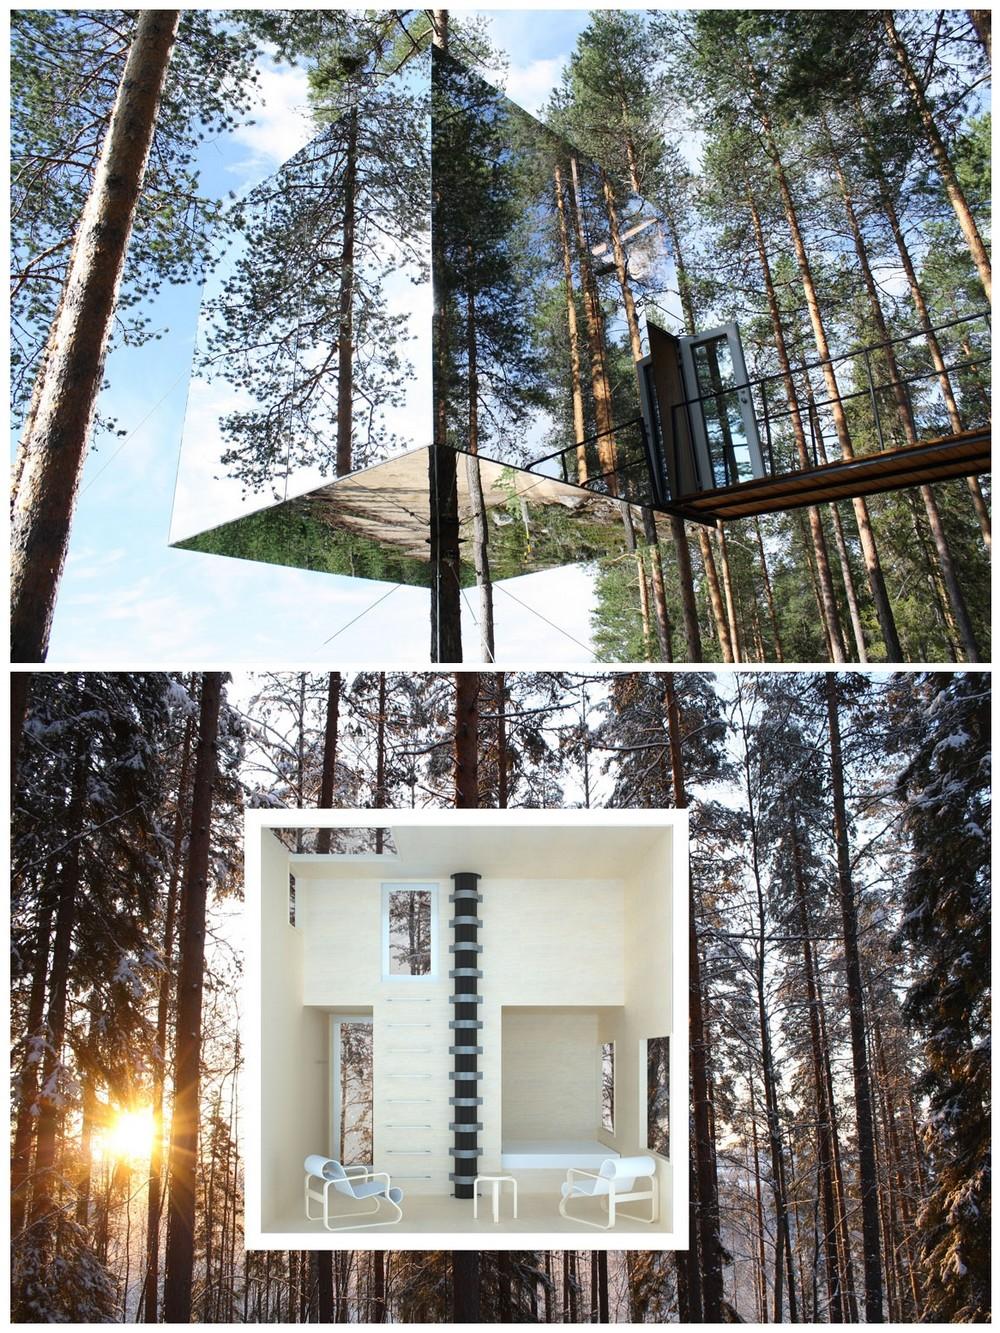 mirrorcube-treehotel-in-sweden